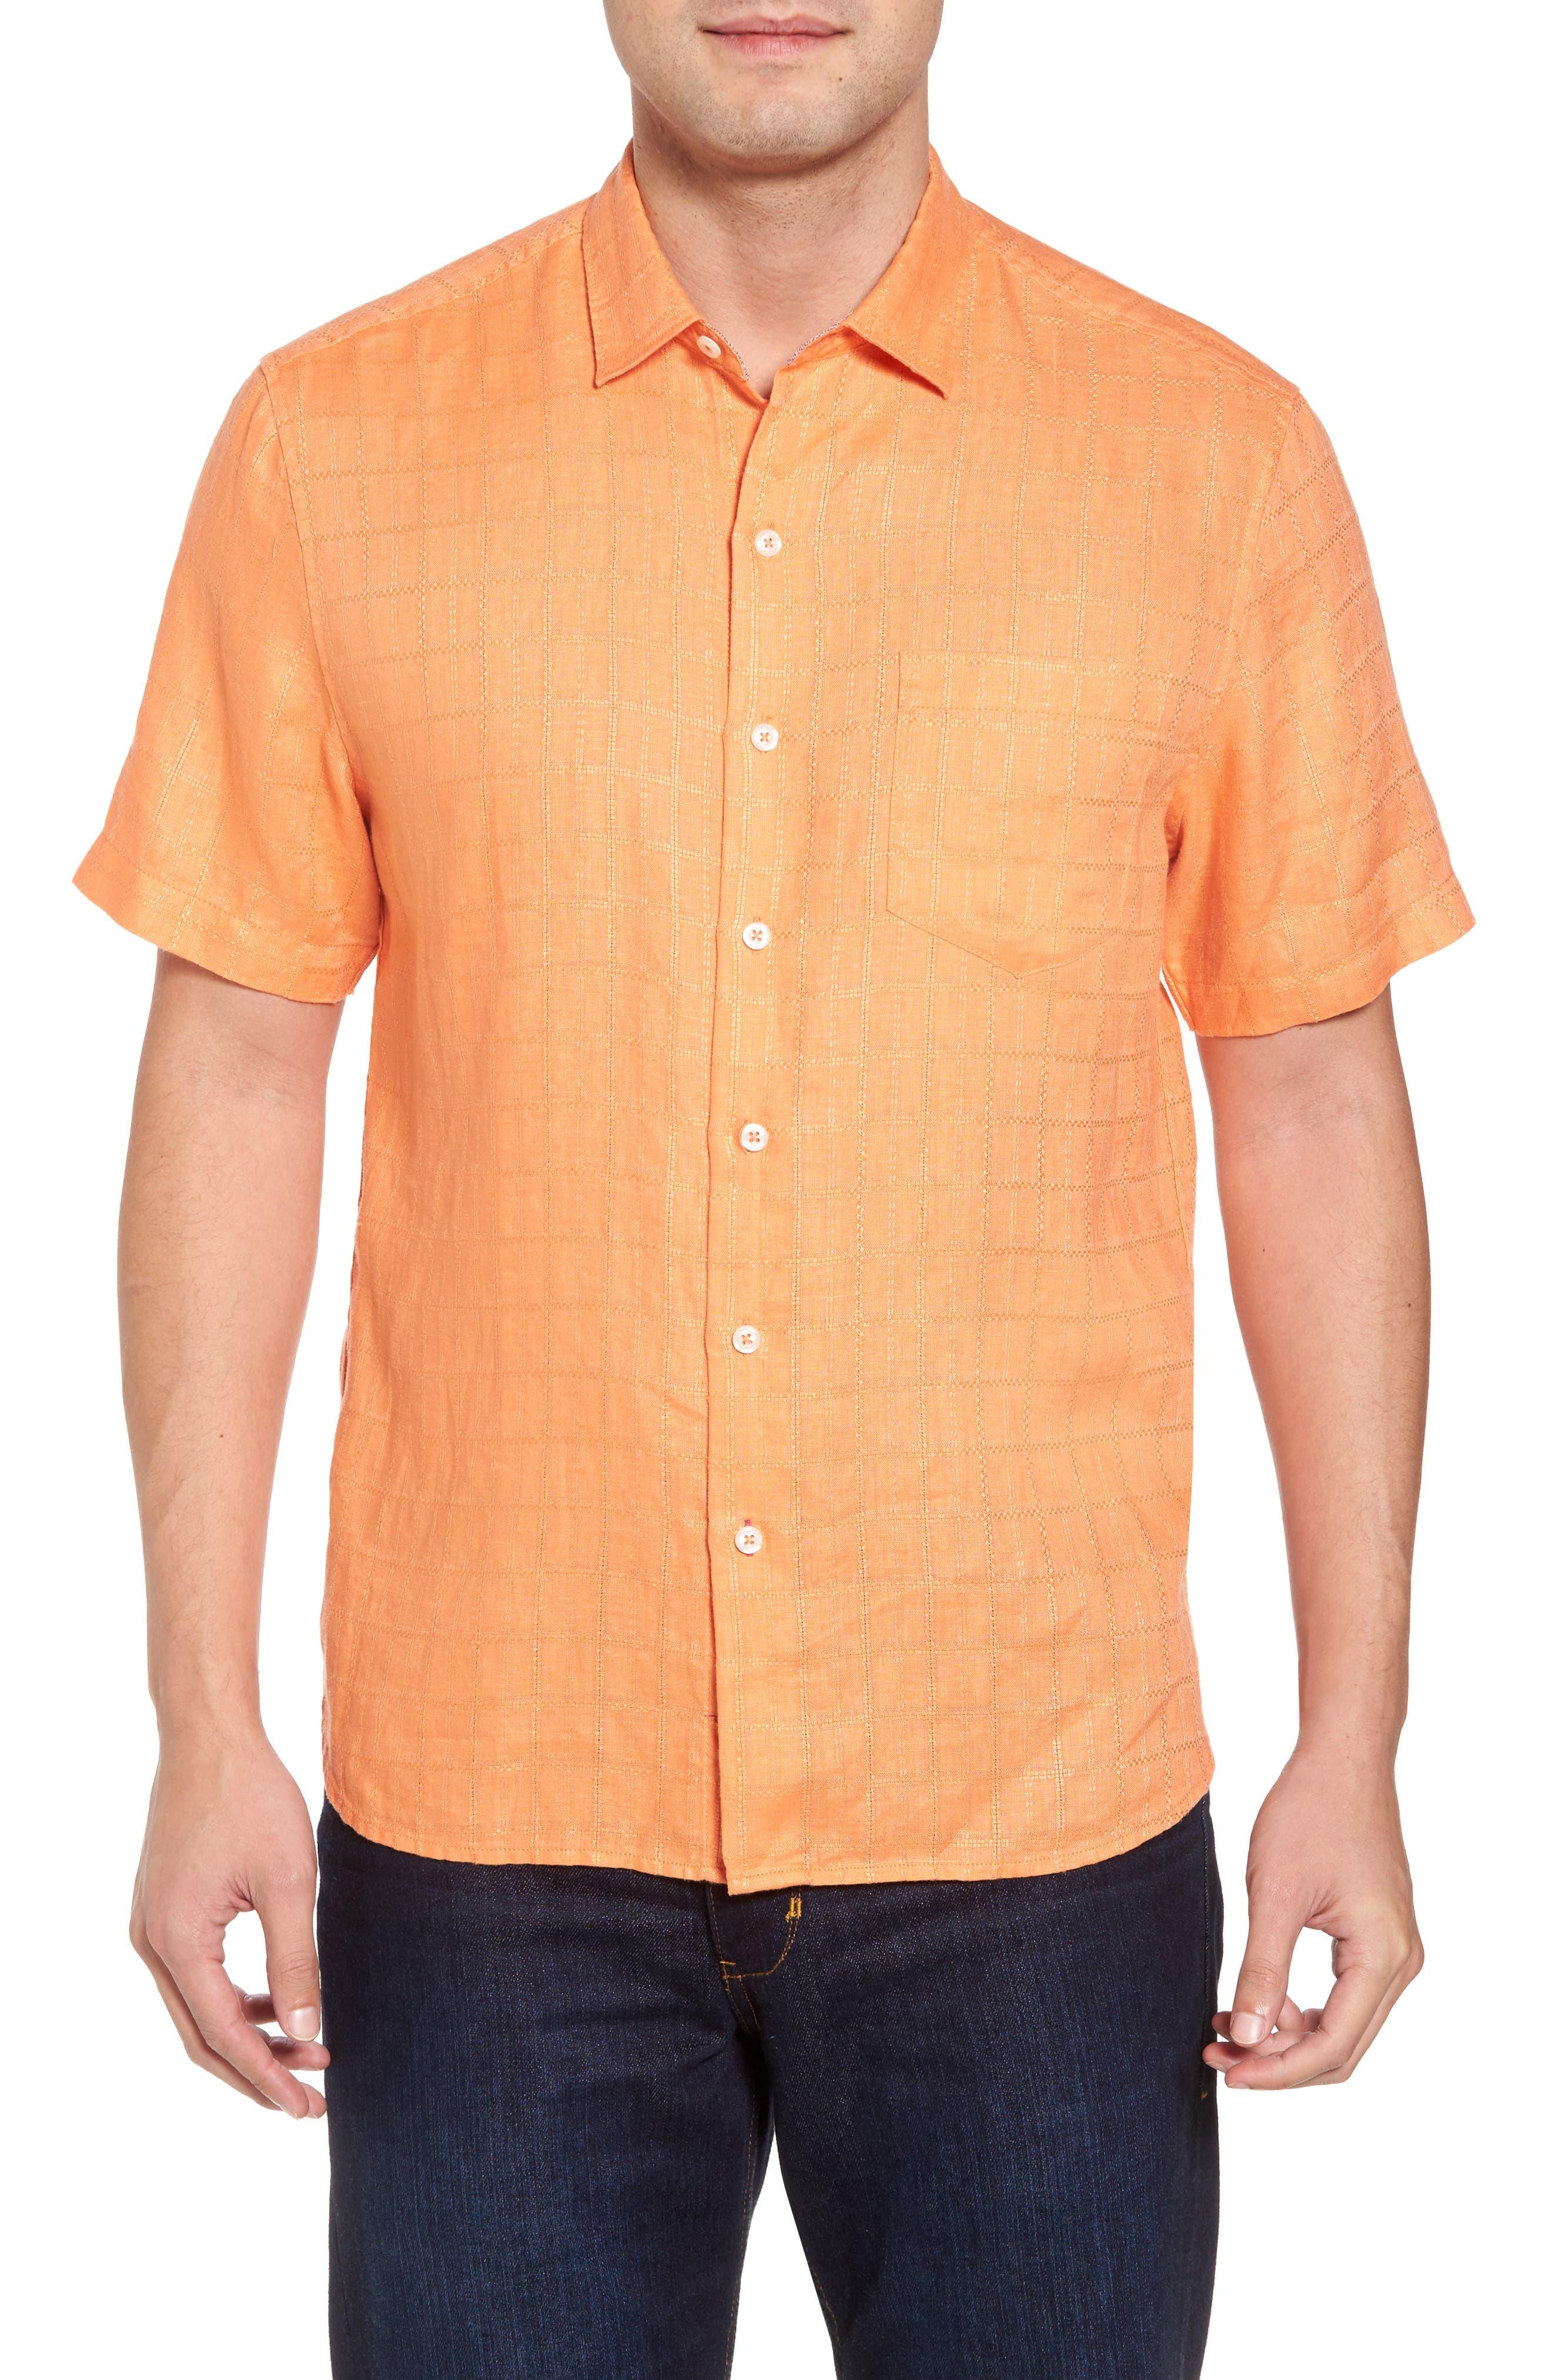 Tommy Bahama Costa Cera Linen Sport Shirt